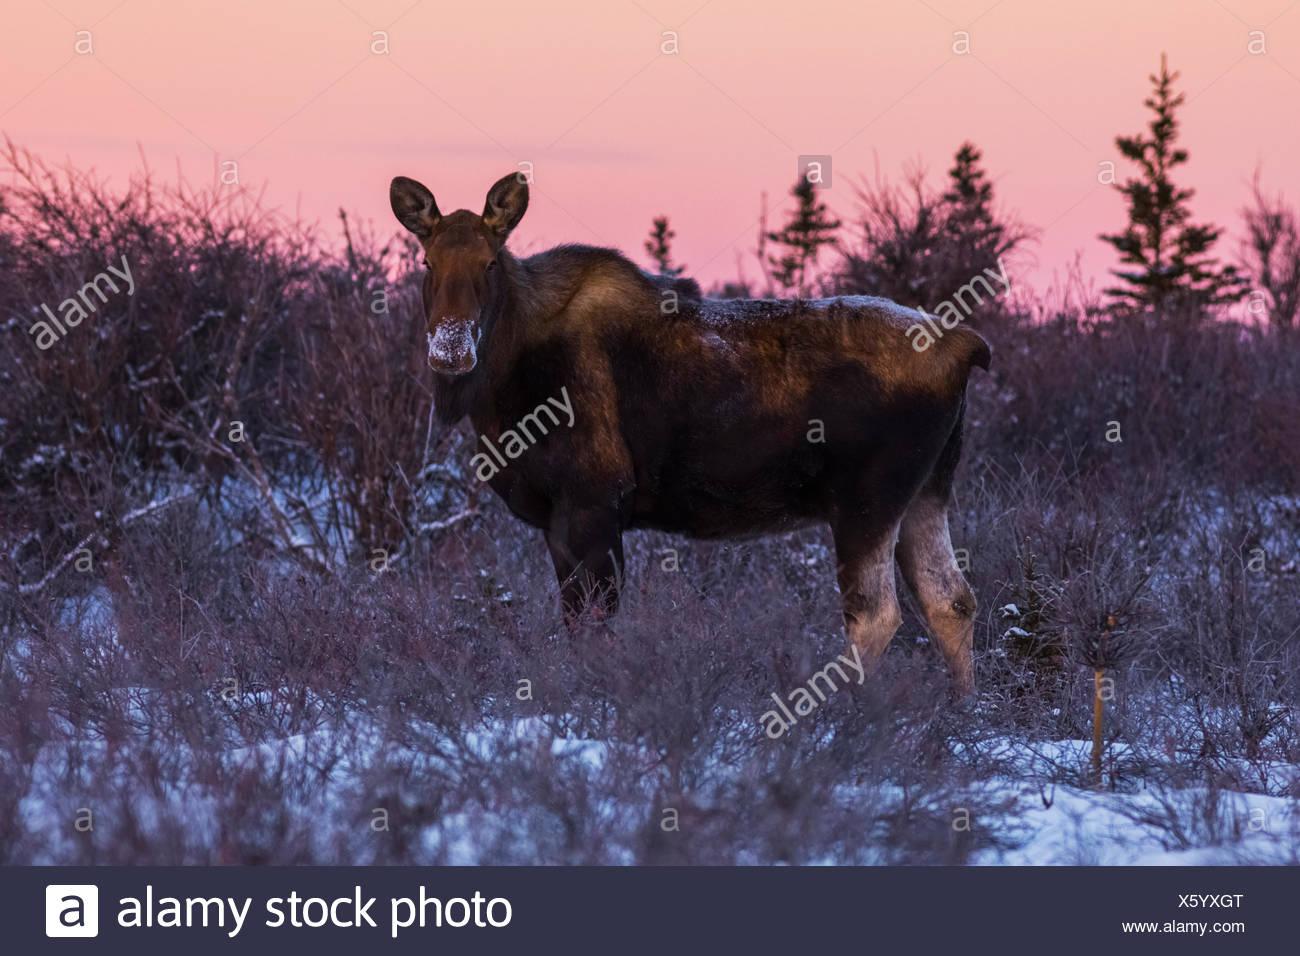 Une femelle orignal (Alces alces) fourrages dans la neige au lever du soleil au milieu de l'hiver; Alaska, États-Unis d'Amérique Photo Stock